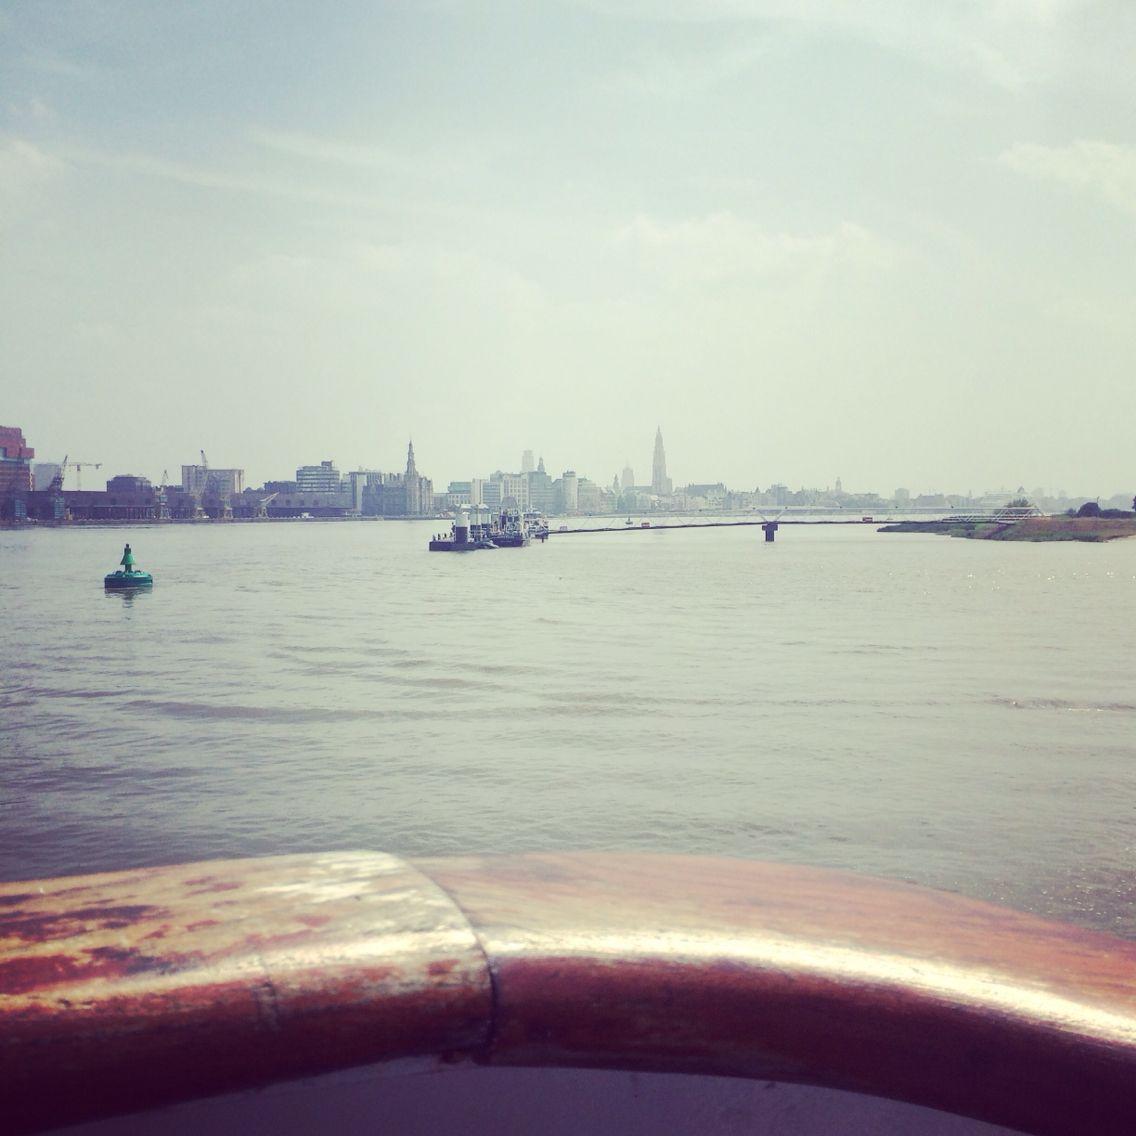 Scheldefahrt an einem Sonntag, bei Sonnenschein. Entspannen und ganz viel sehen! #antwerpen